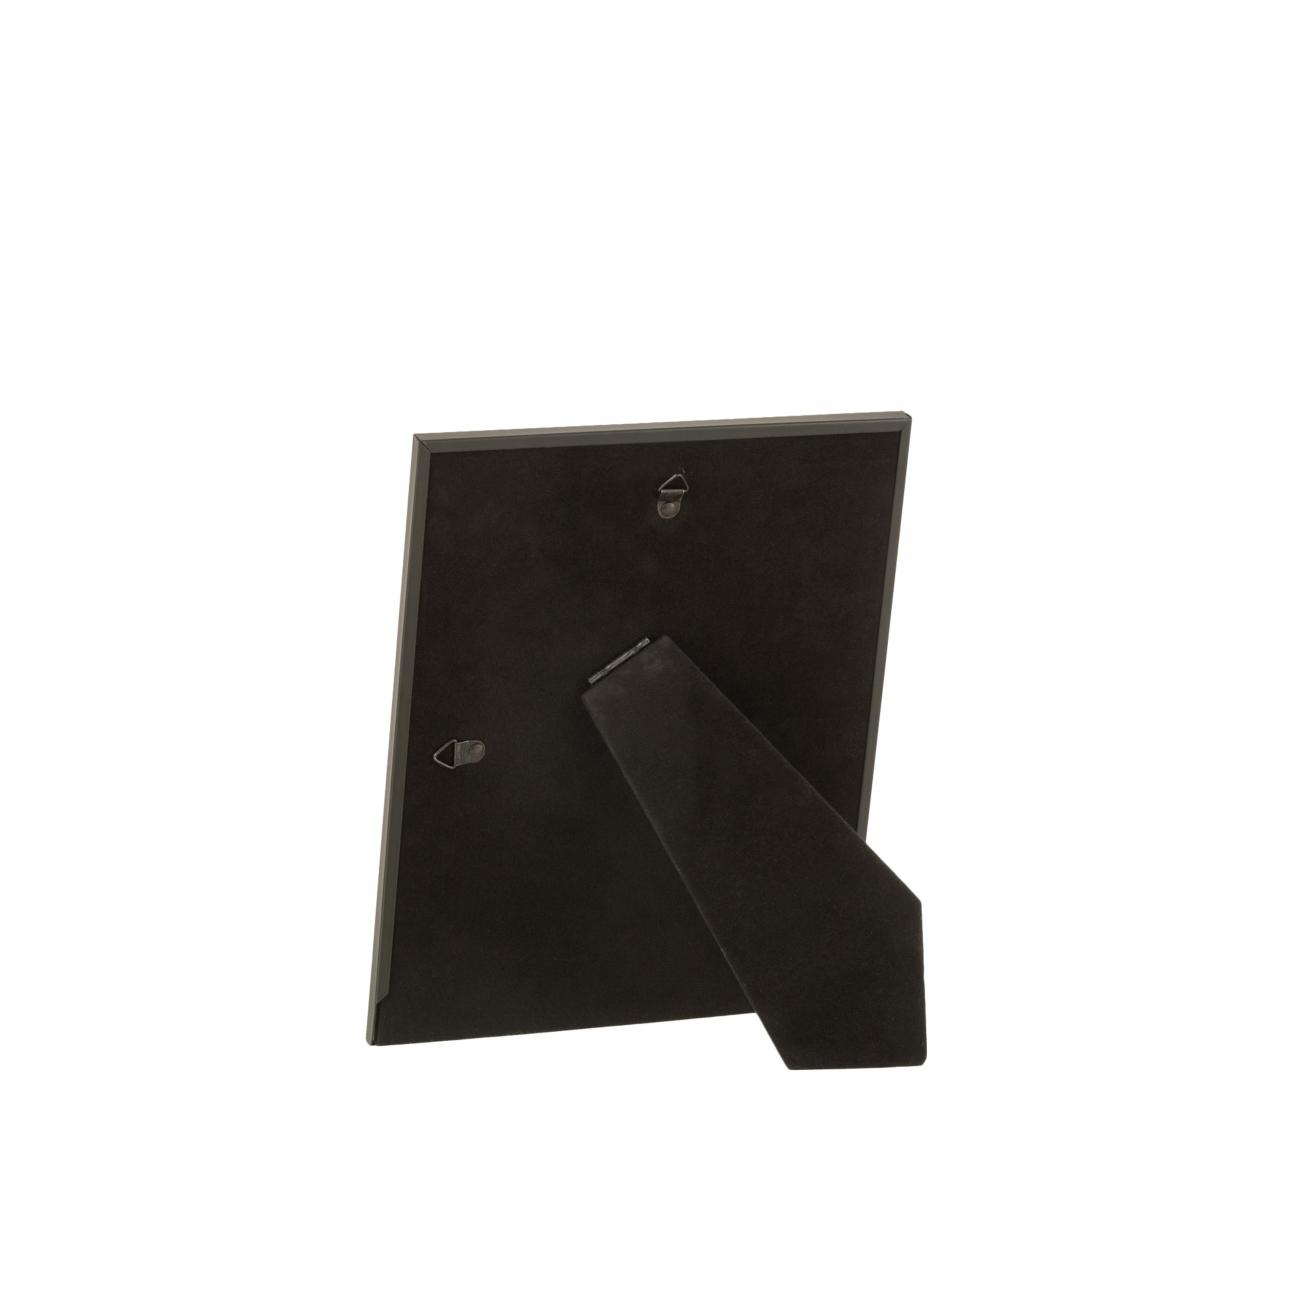 Фоторамка J-LINE металлическая черного цвета 20х25 см Бельгия